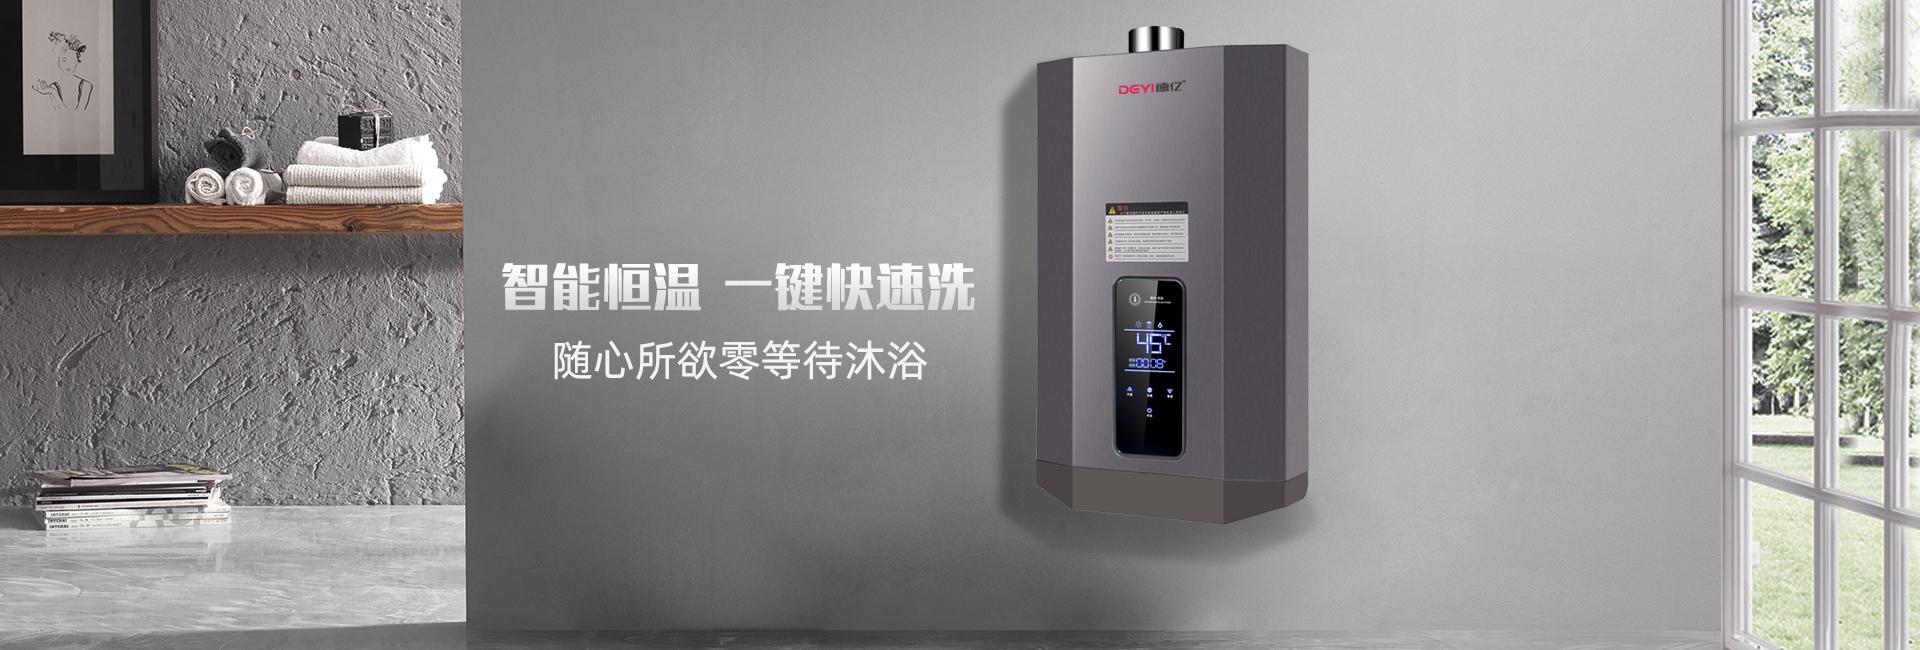 雲派電器專業生產,德億電器,德億吸油煙機,德億廚衛電器